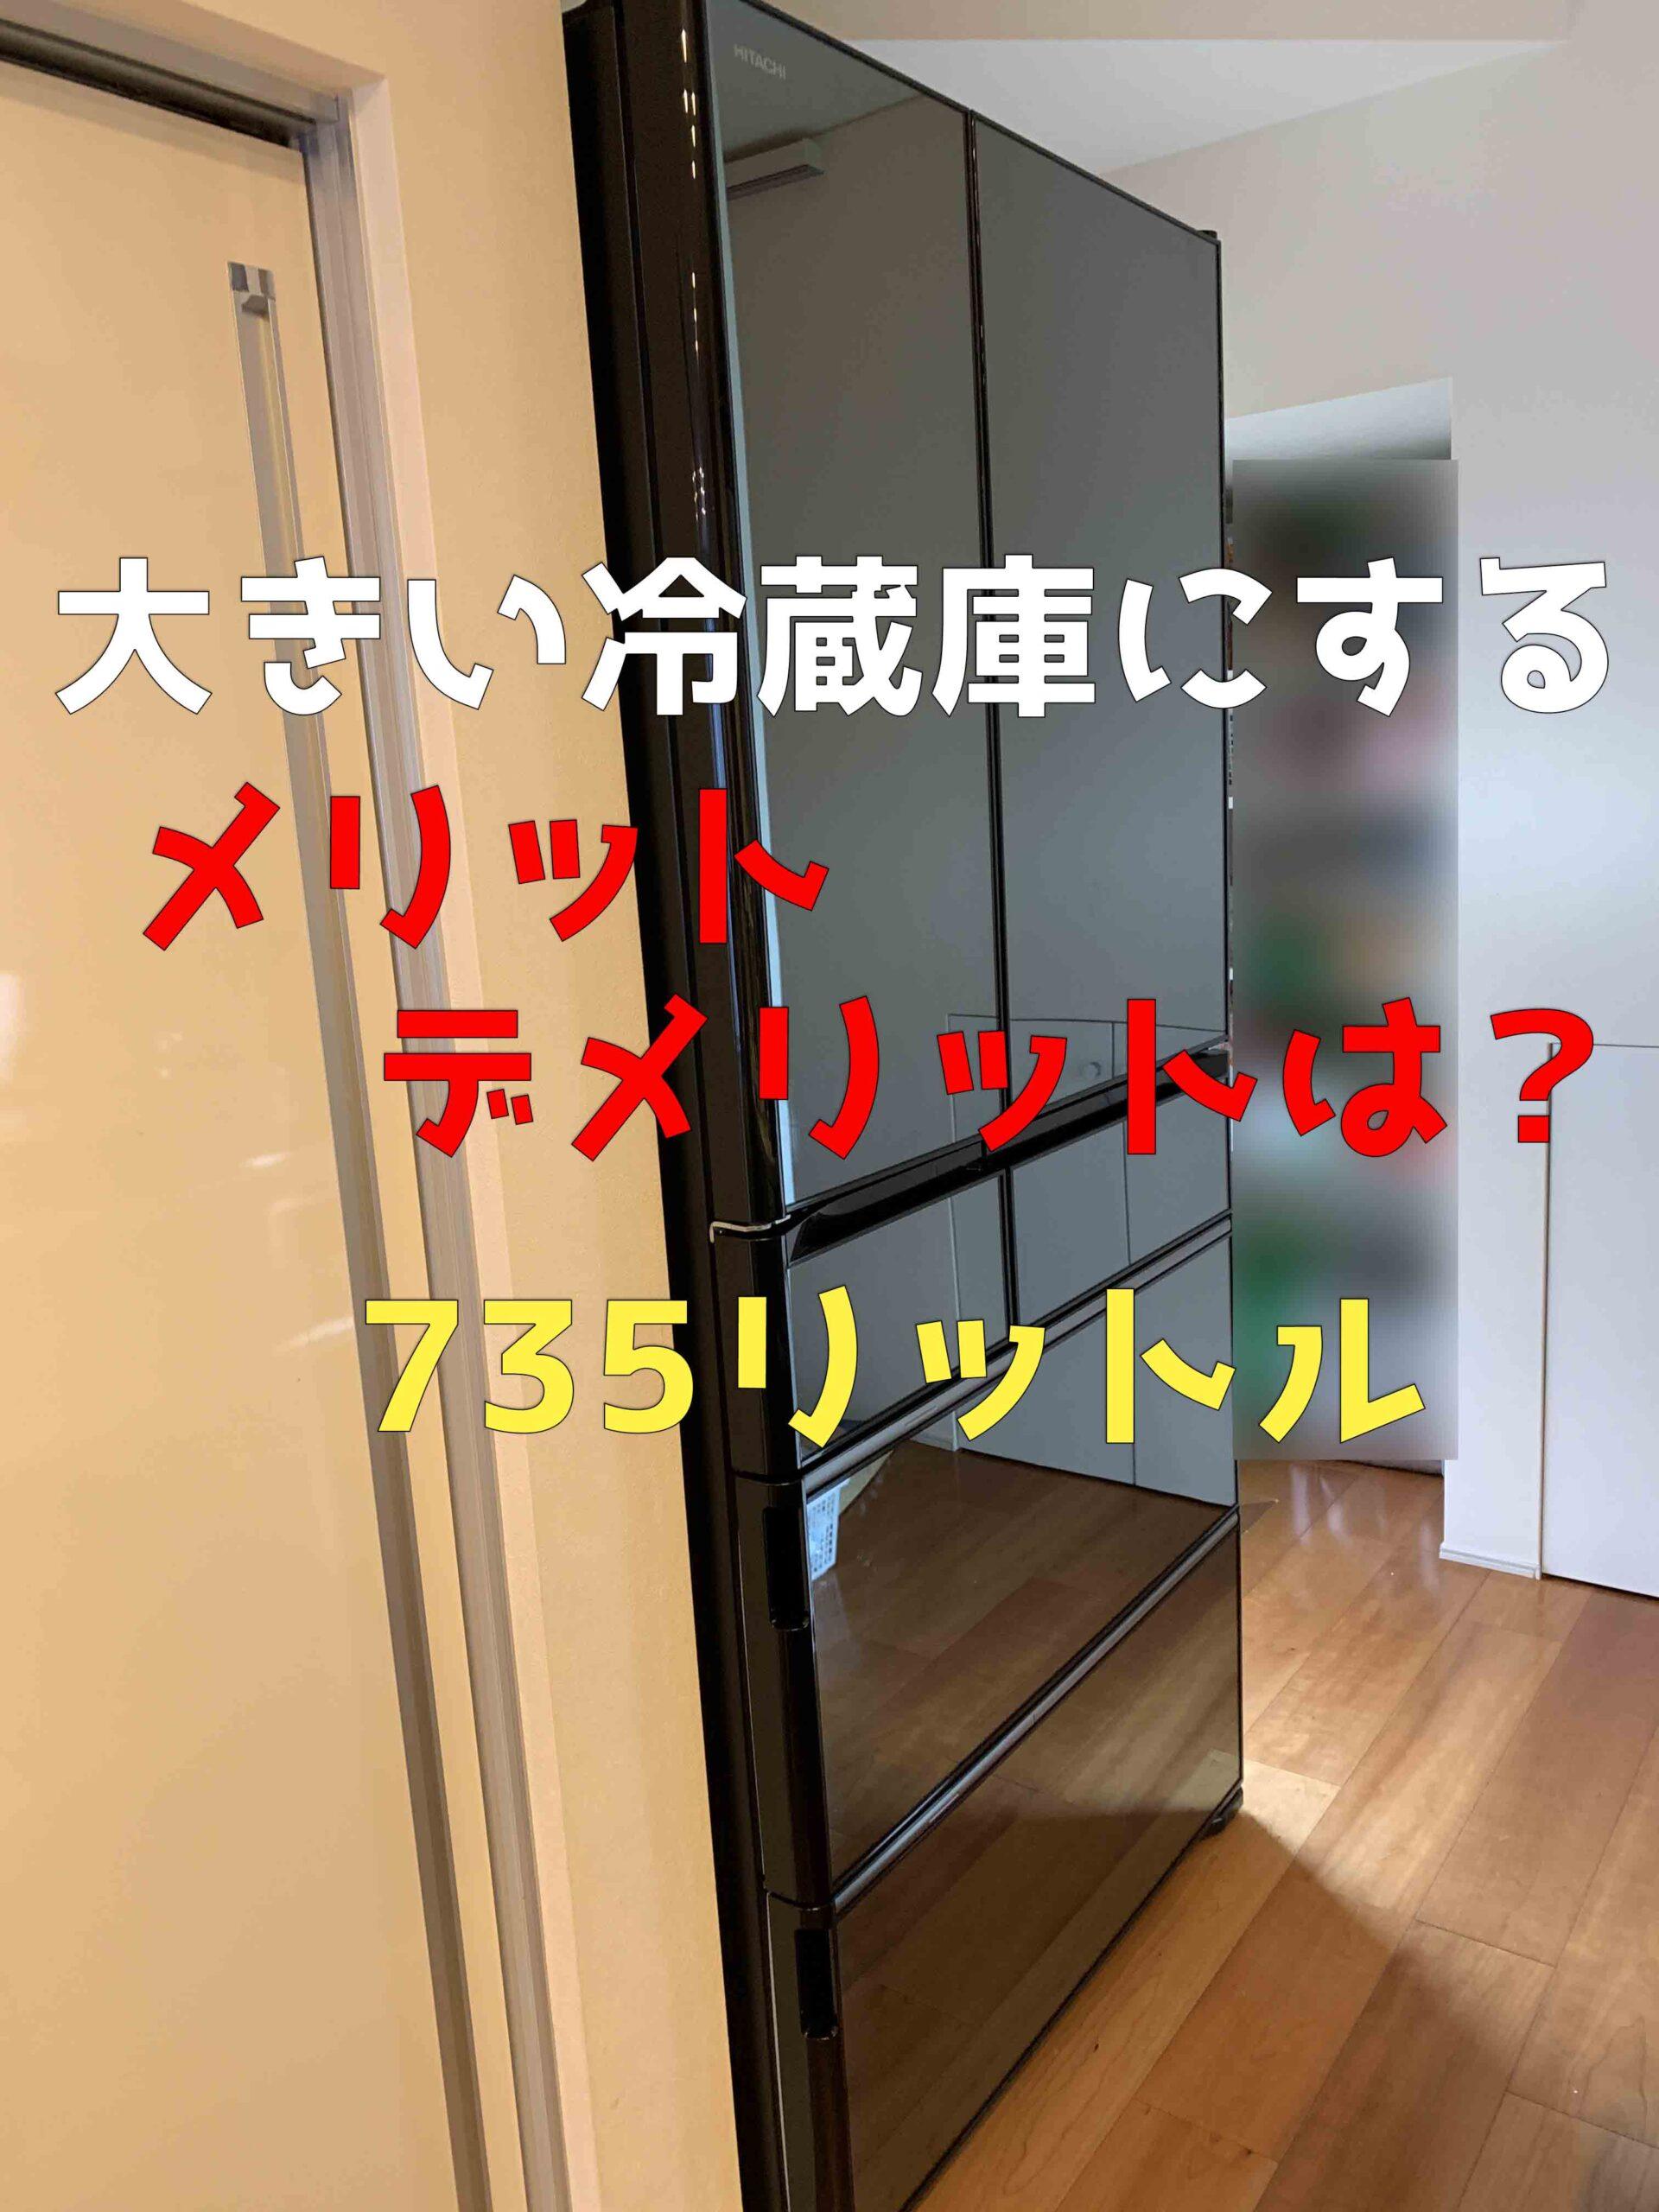 冷蔵庫735リットル:日立R-WXC74N大きい方がいいので買い替え